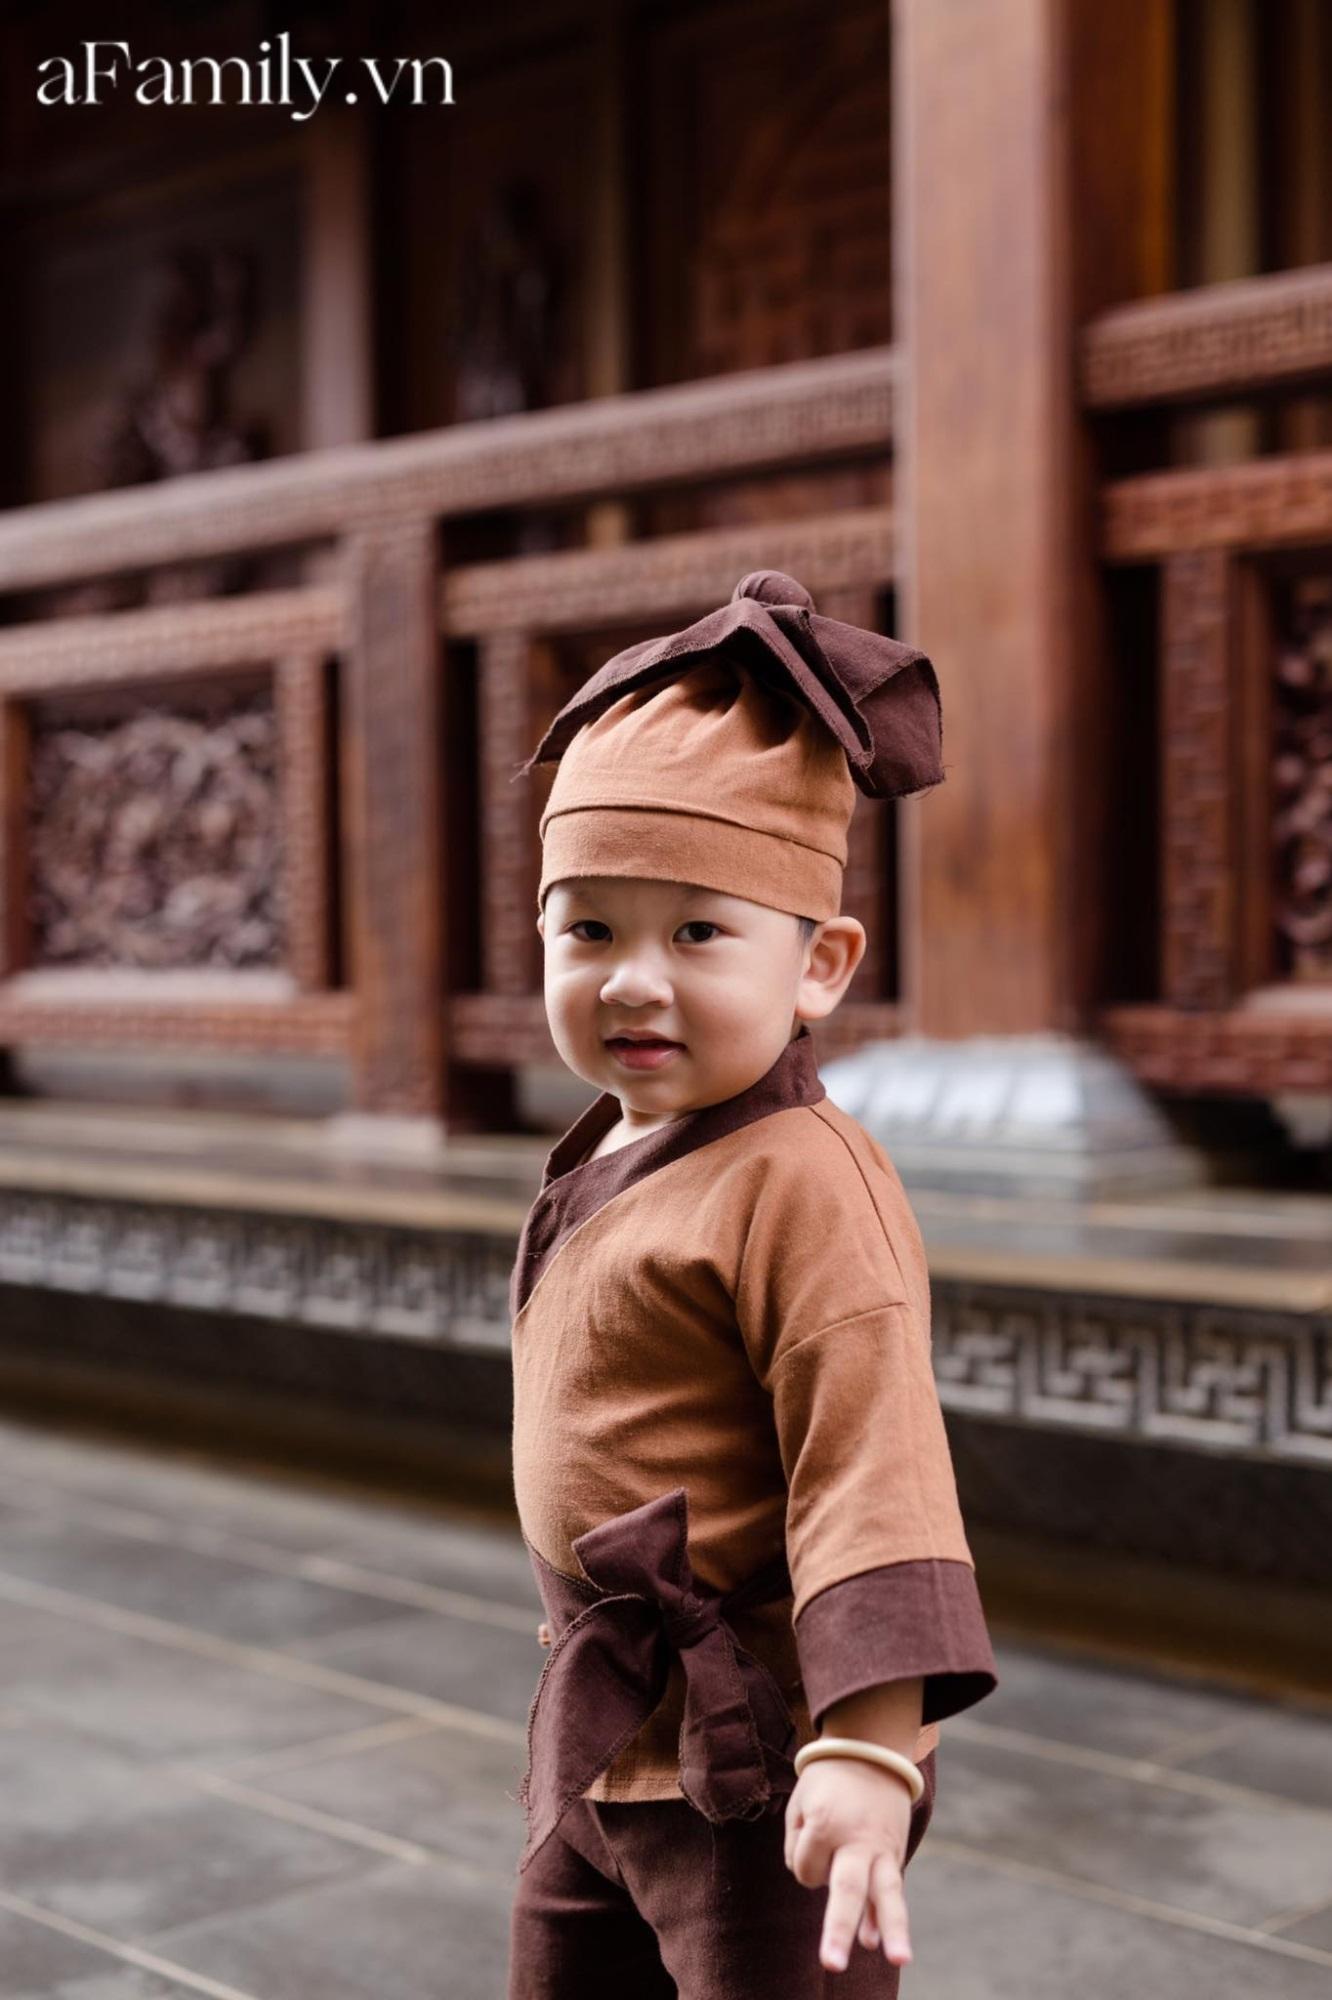 Mua cho cháu bộ quần áo mới, dì cứ ngỡ mặc vào sẽ đẹp trai như Hàn Quốc, ai ngờ bé 'lên đồ' thì cả nhà cười nguyên buổi tối - Ảnh 3